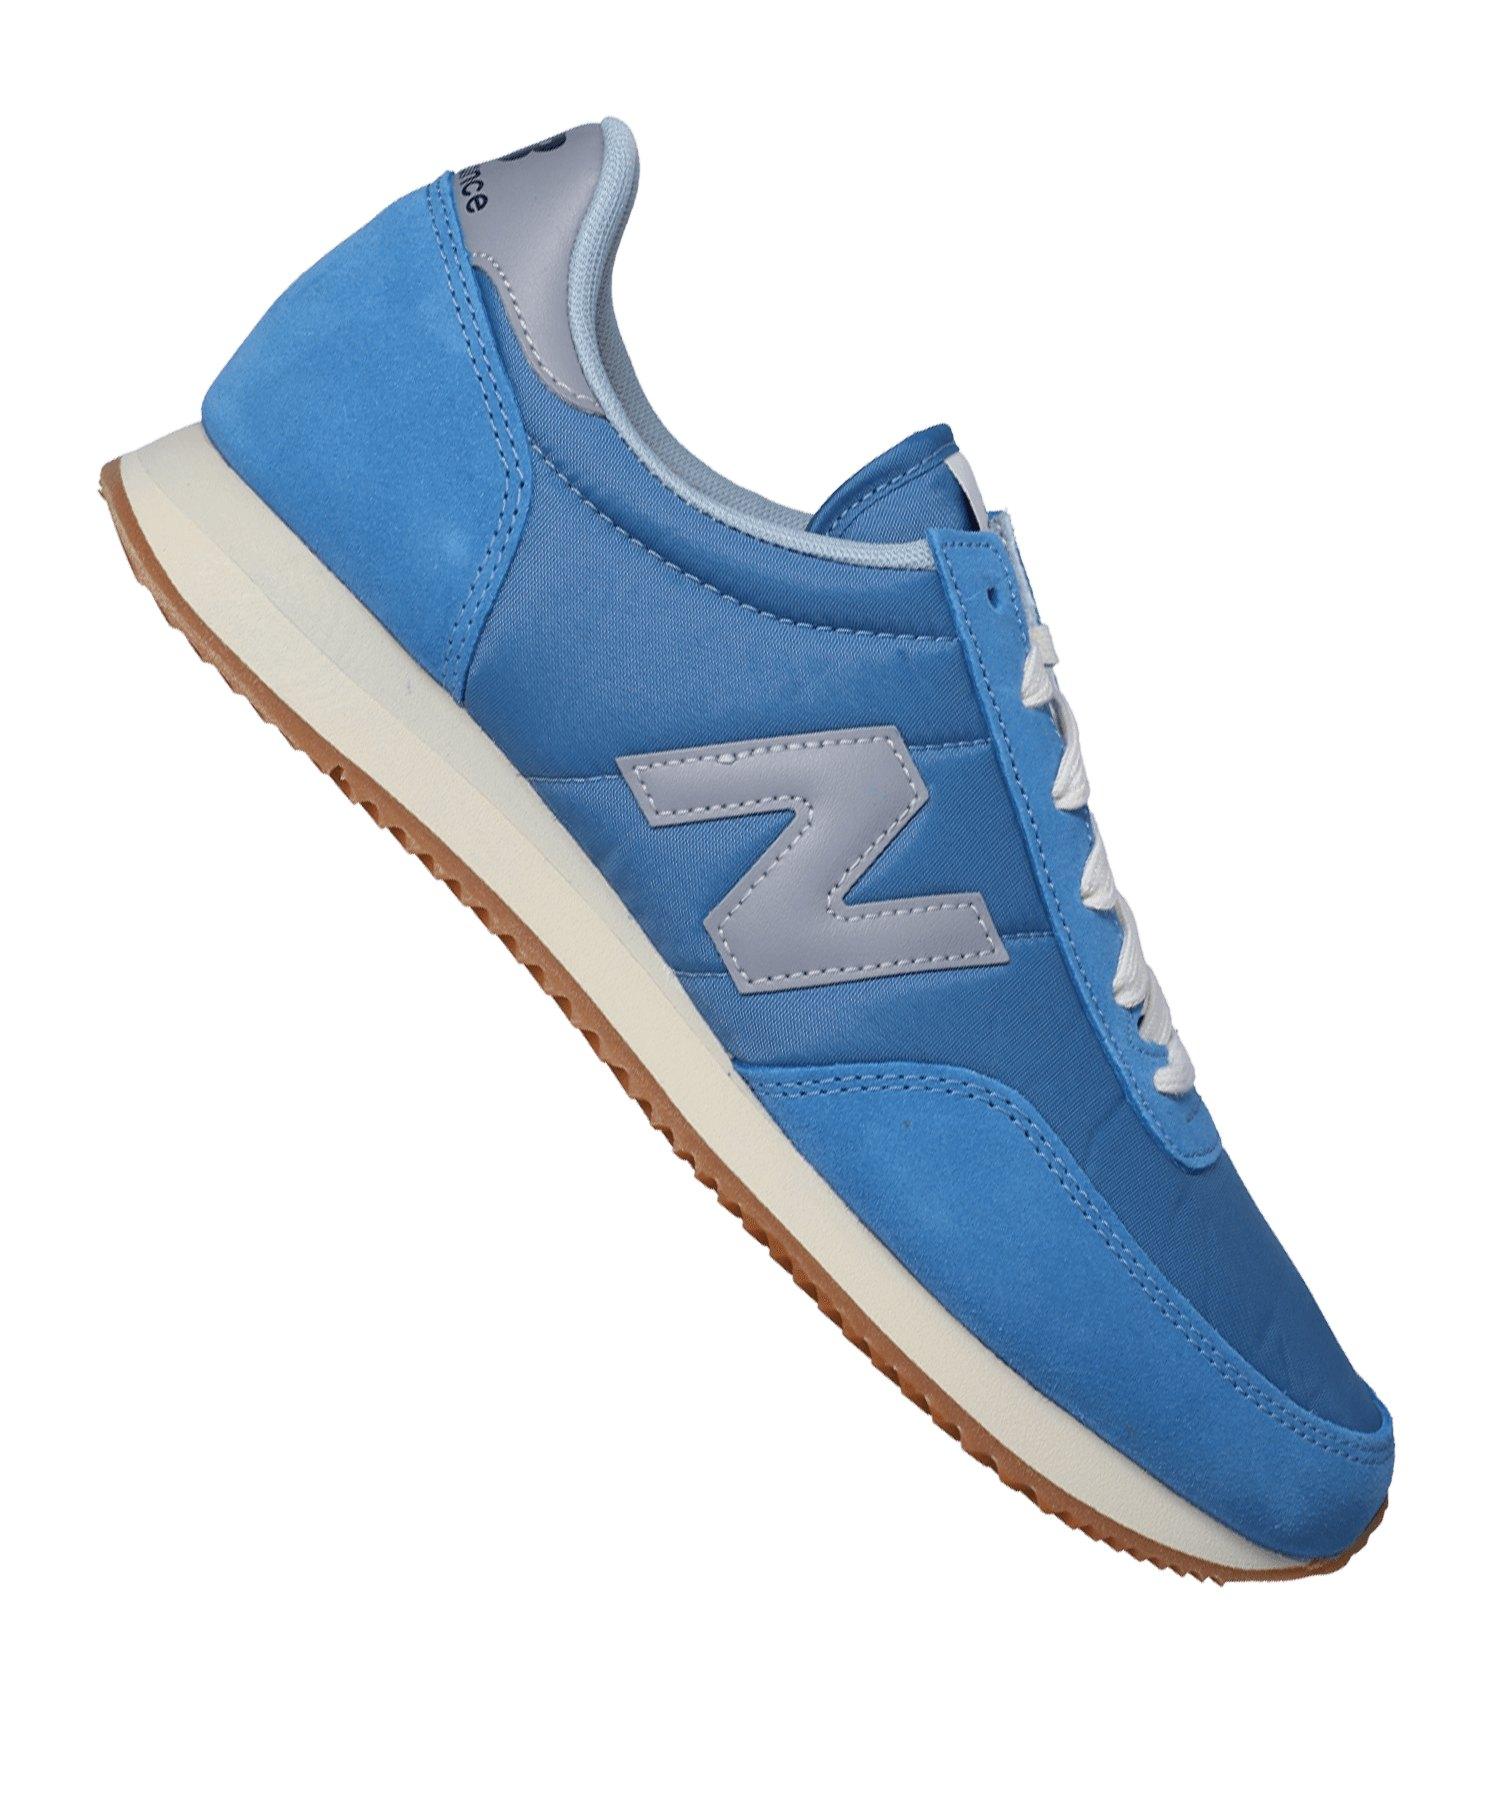 New Balance UL720 D Sneaker Blau F5 - blau